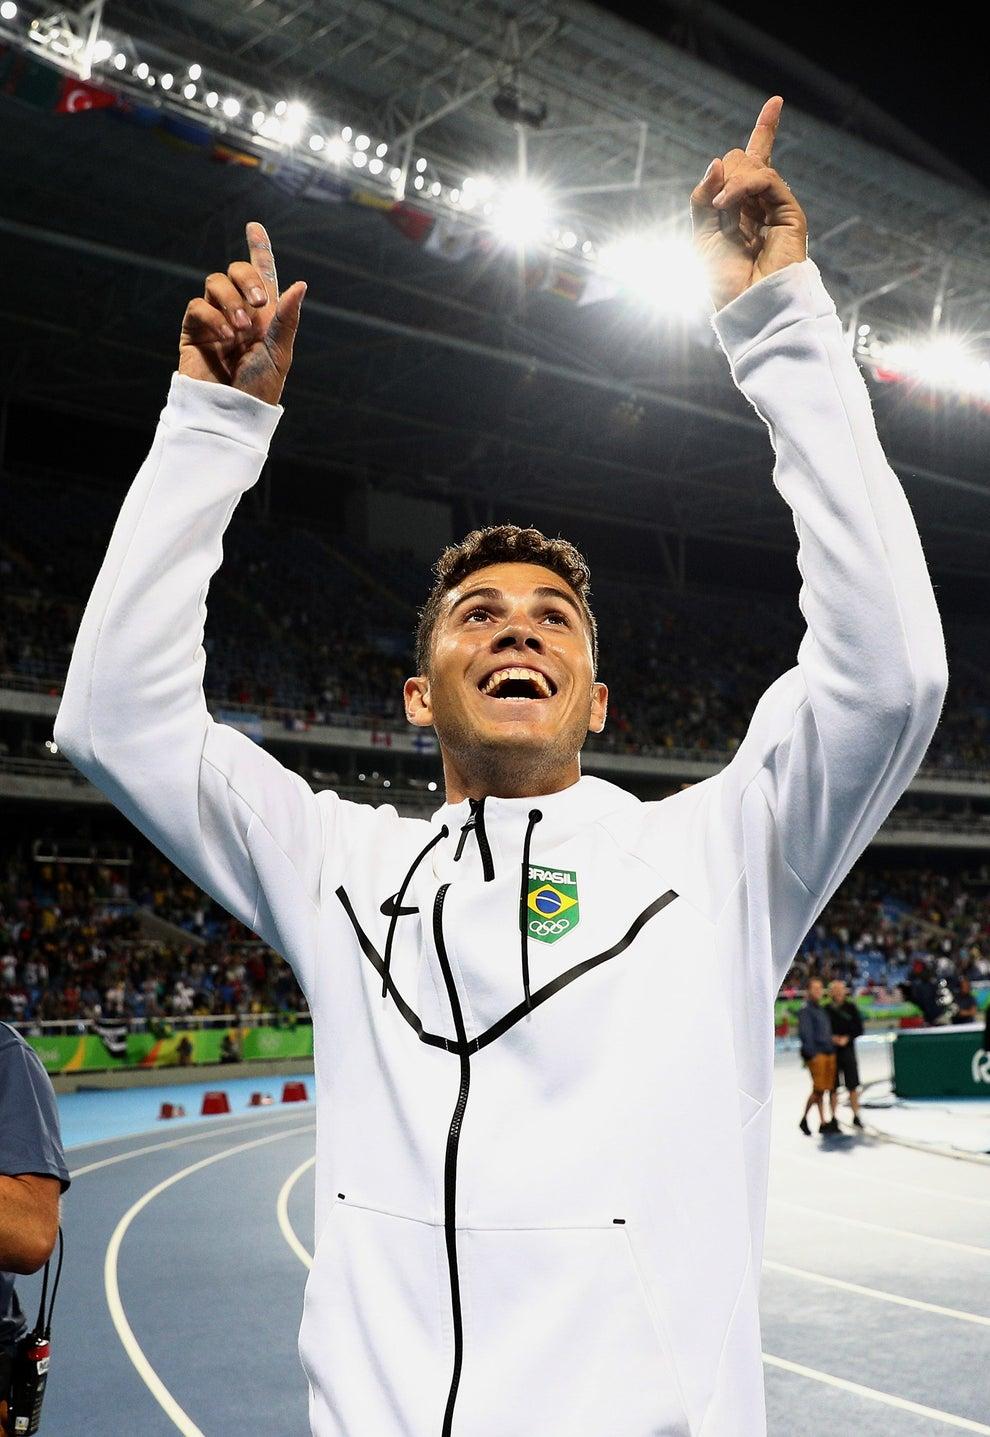 Virou medalhista de ouro AND recordista olímpico.